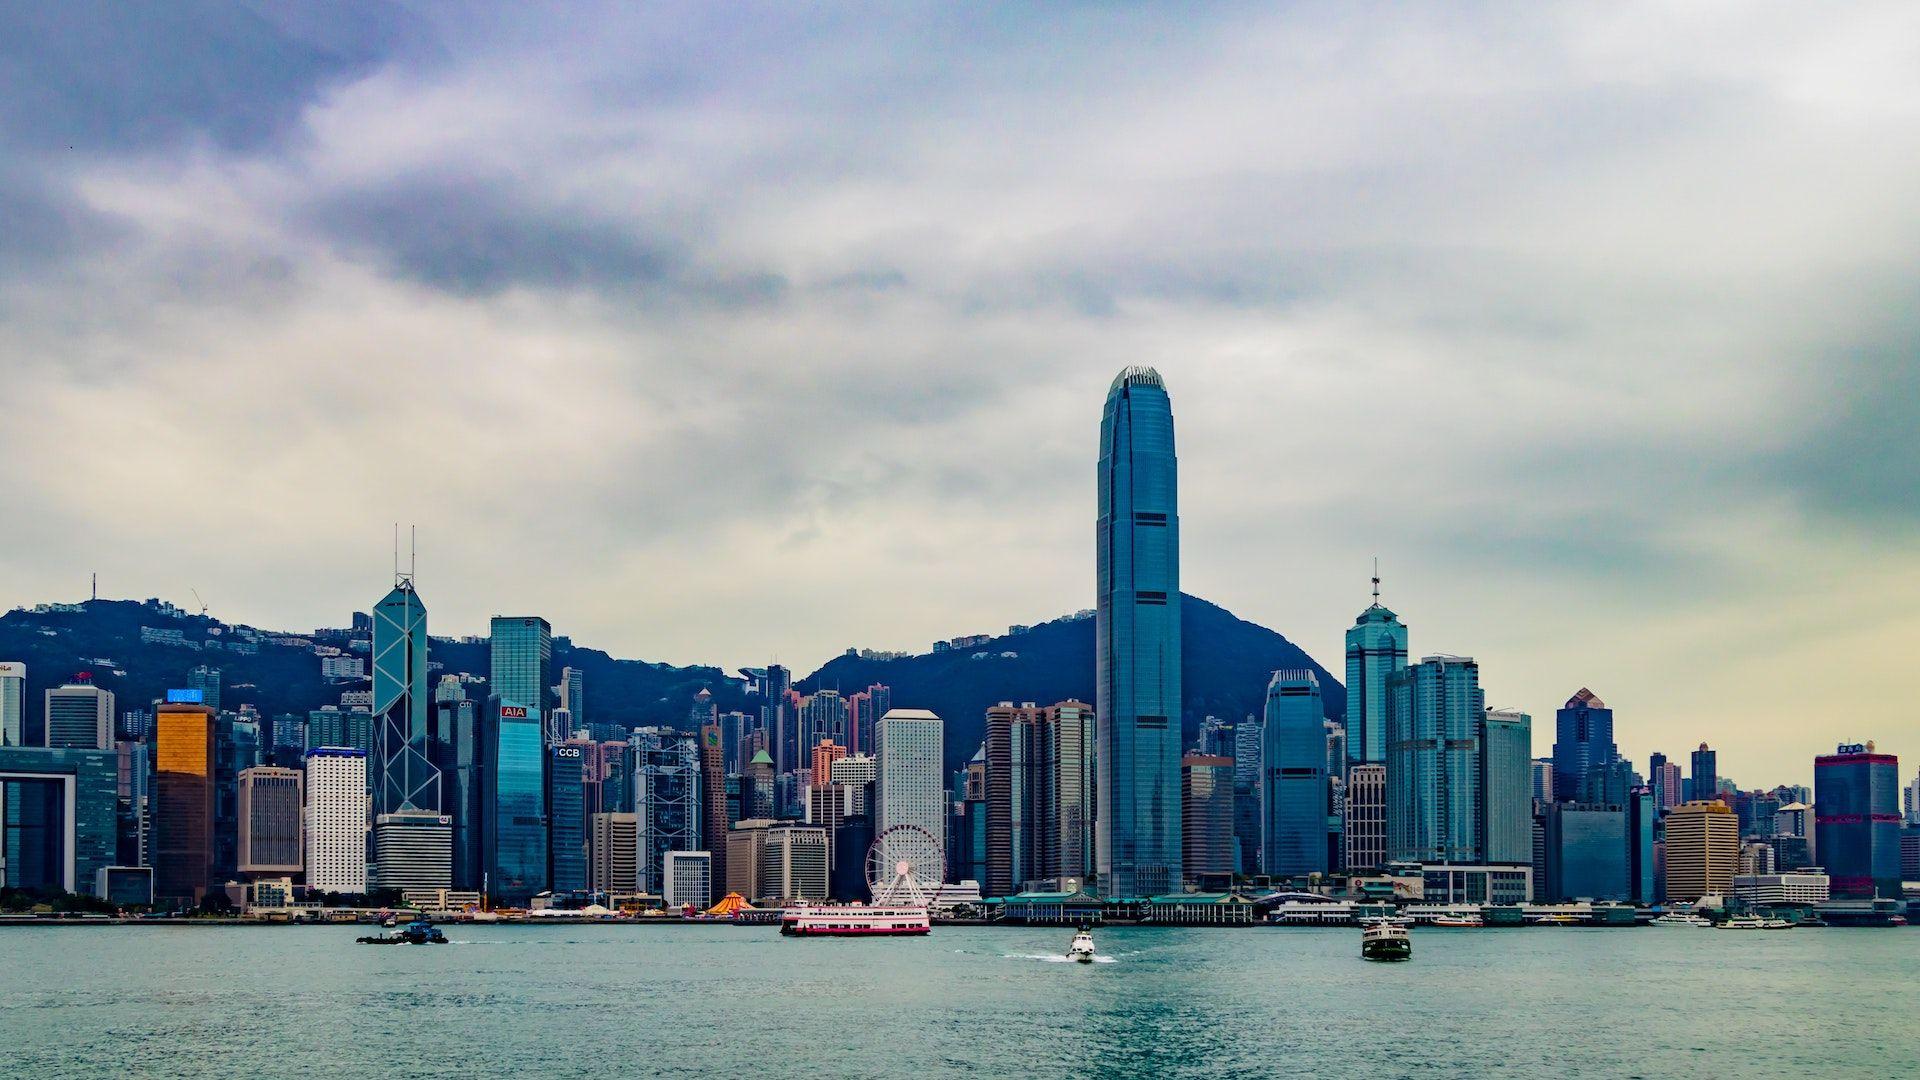 Estas son las diez ciudades más visitadas del mundo